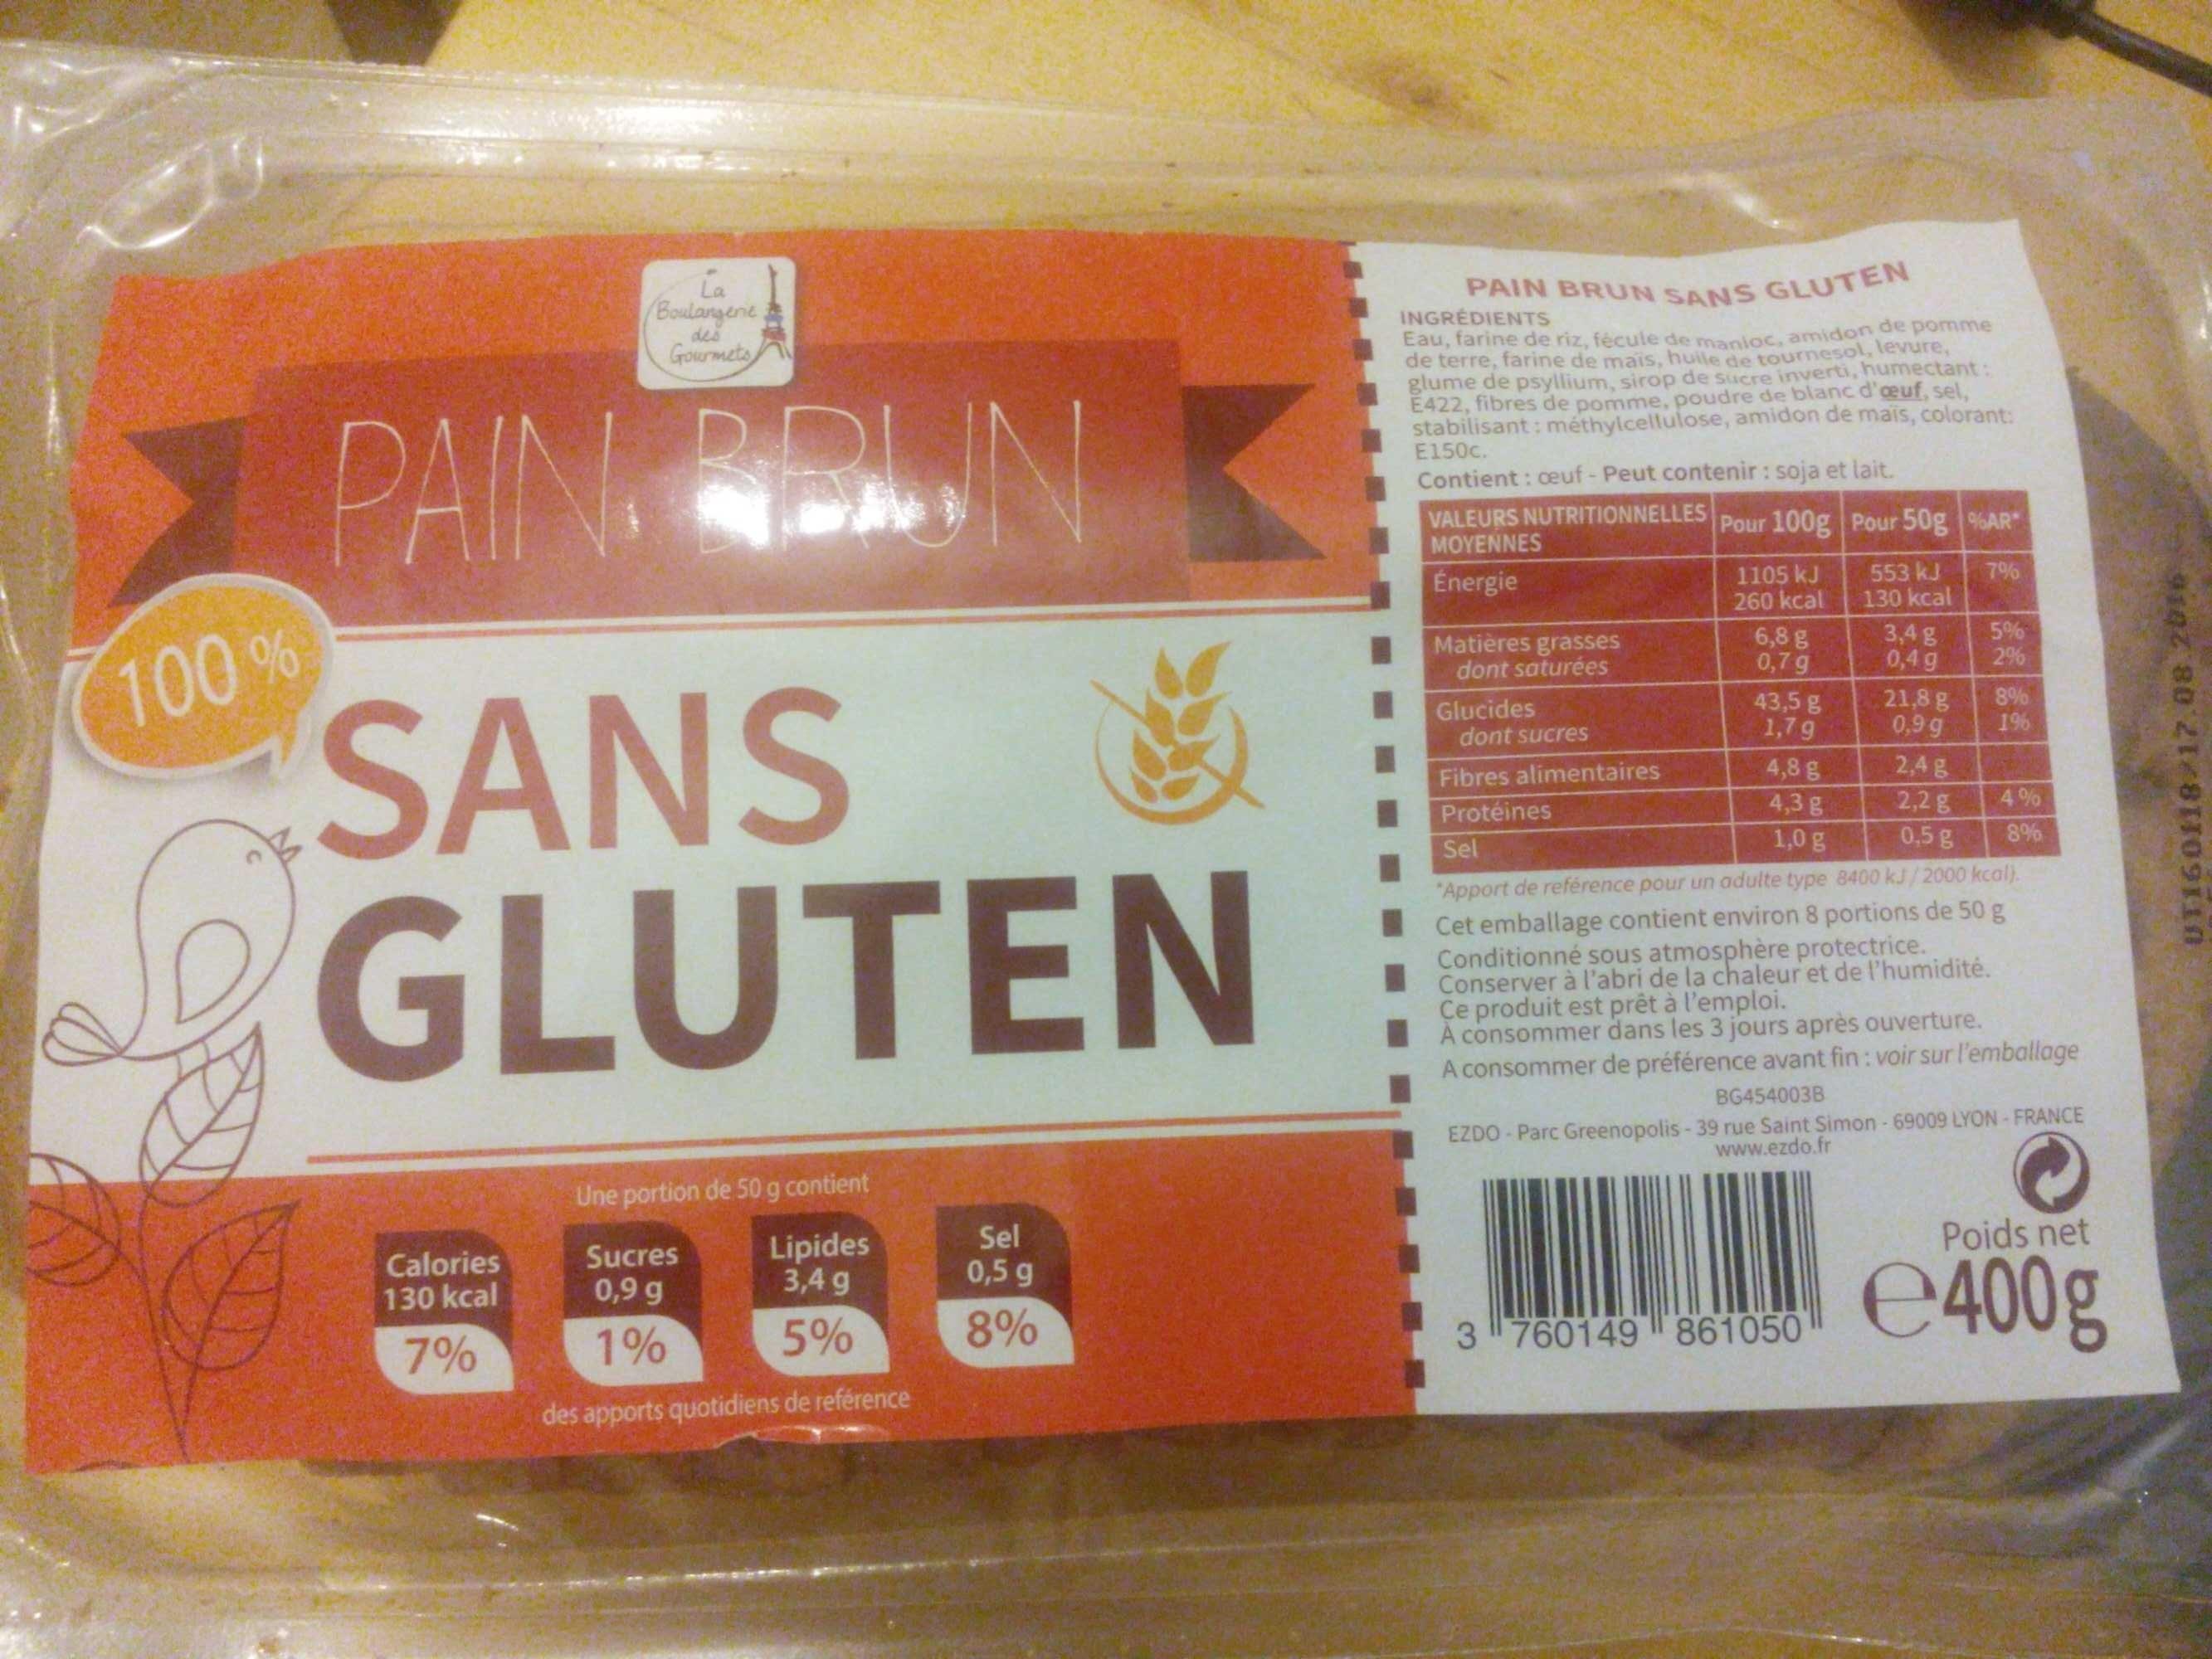 pain brun sans gluten - Product